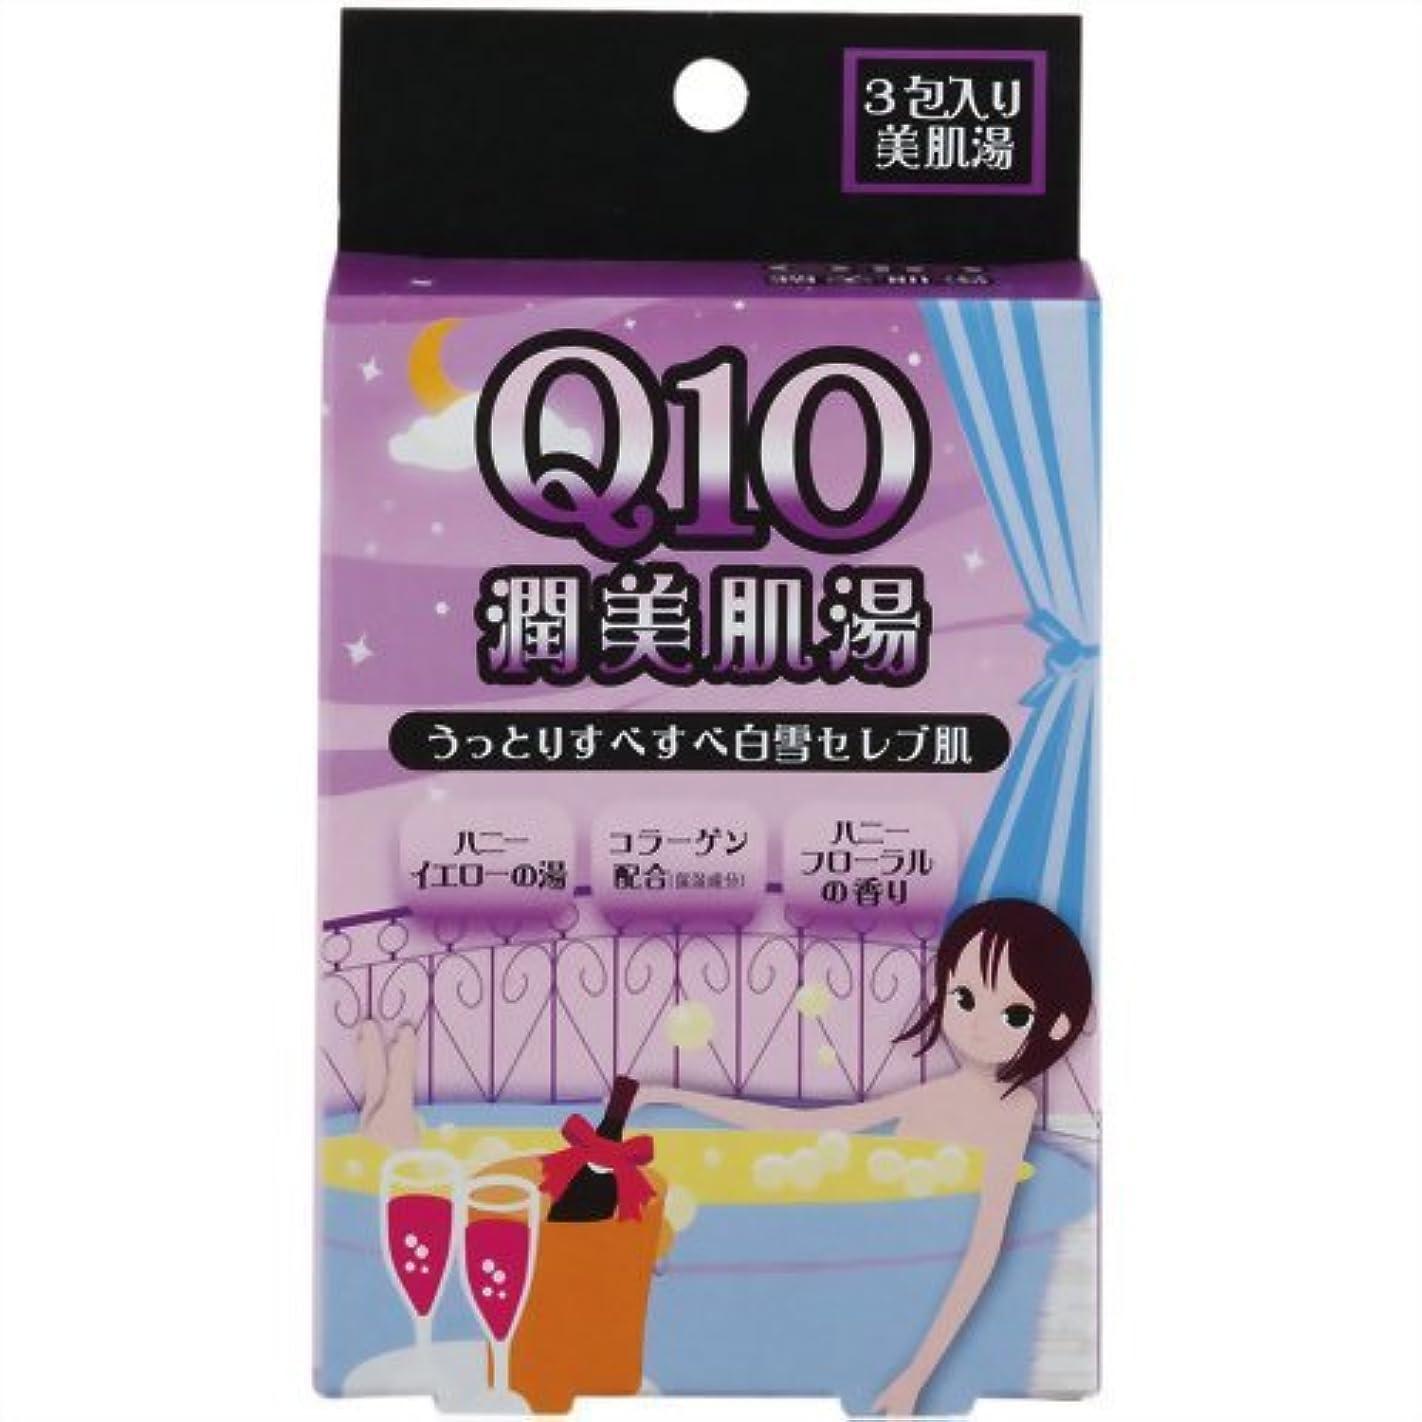 フック抜本的な貪欲紀陽除虫菊 Q10 潤美肌湯 (ハニーフローラルの香り)【まとめ買い10個セット】 N-8371